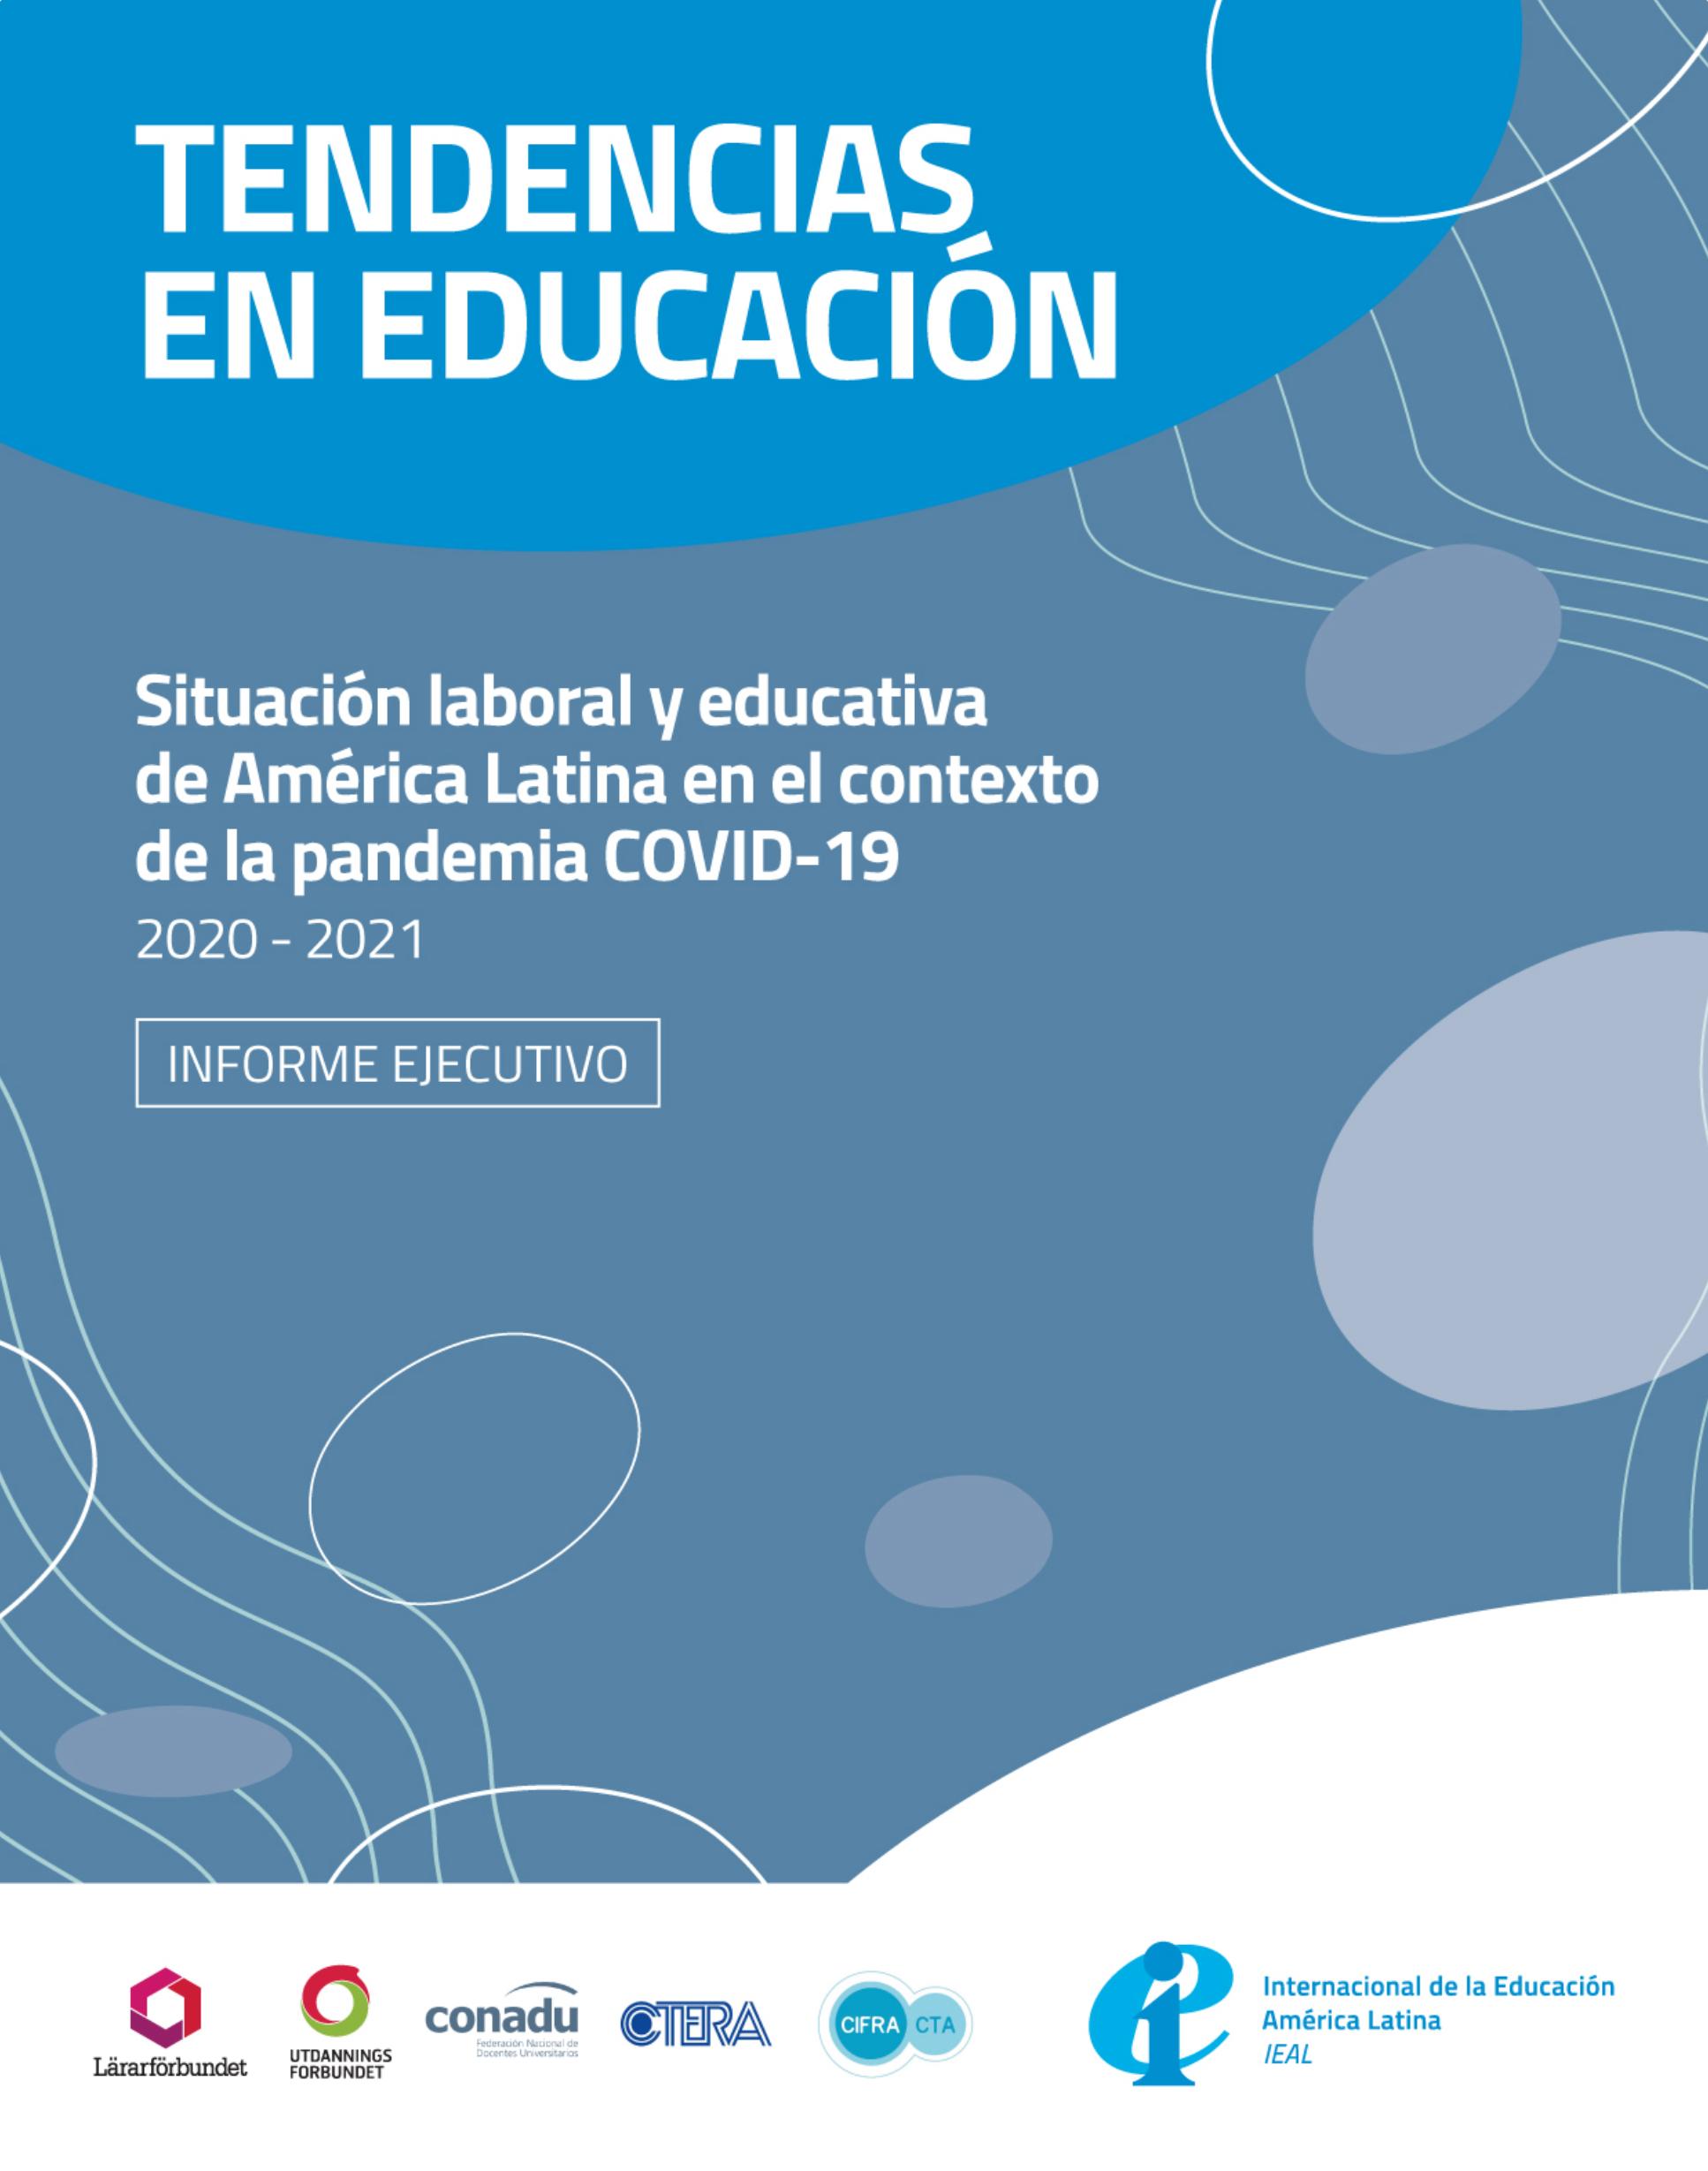 situación laboral y educativa de América Latina en el contexto de la pandemia Covid 19